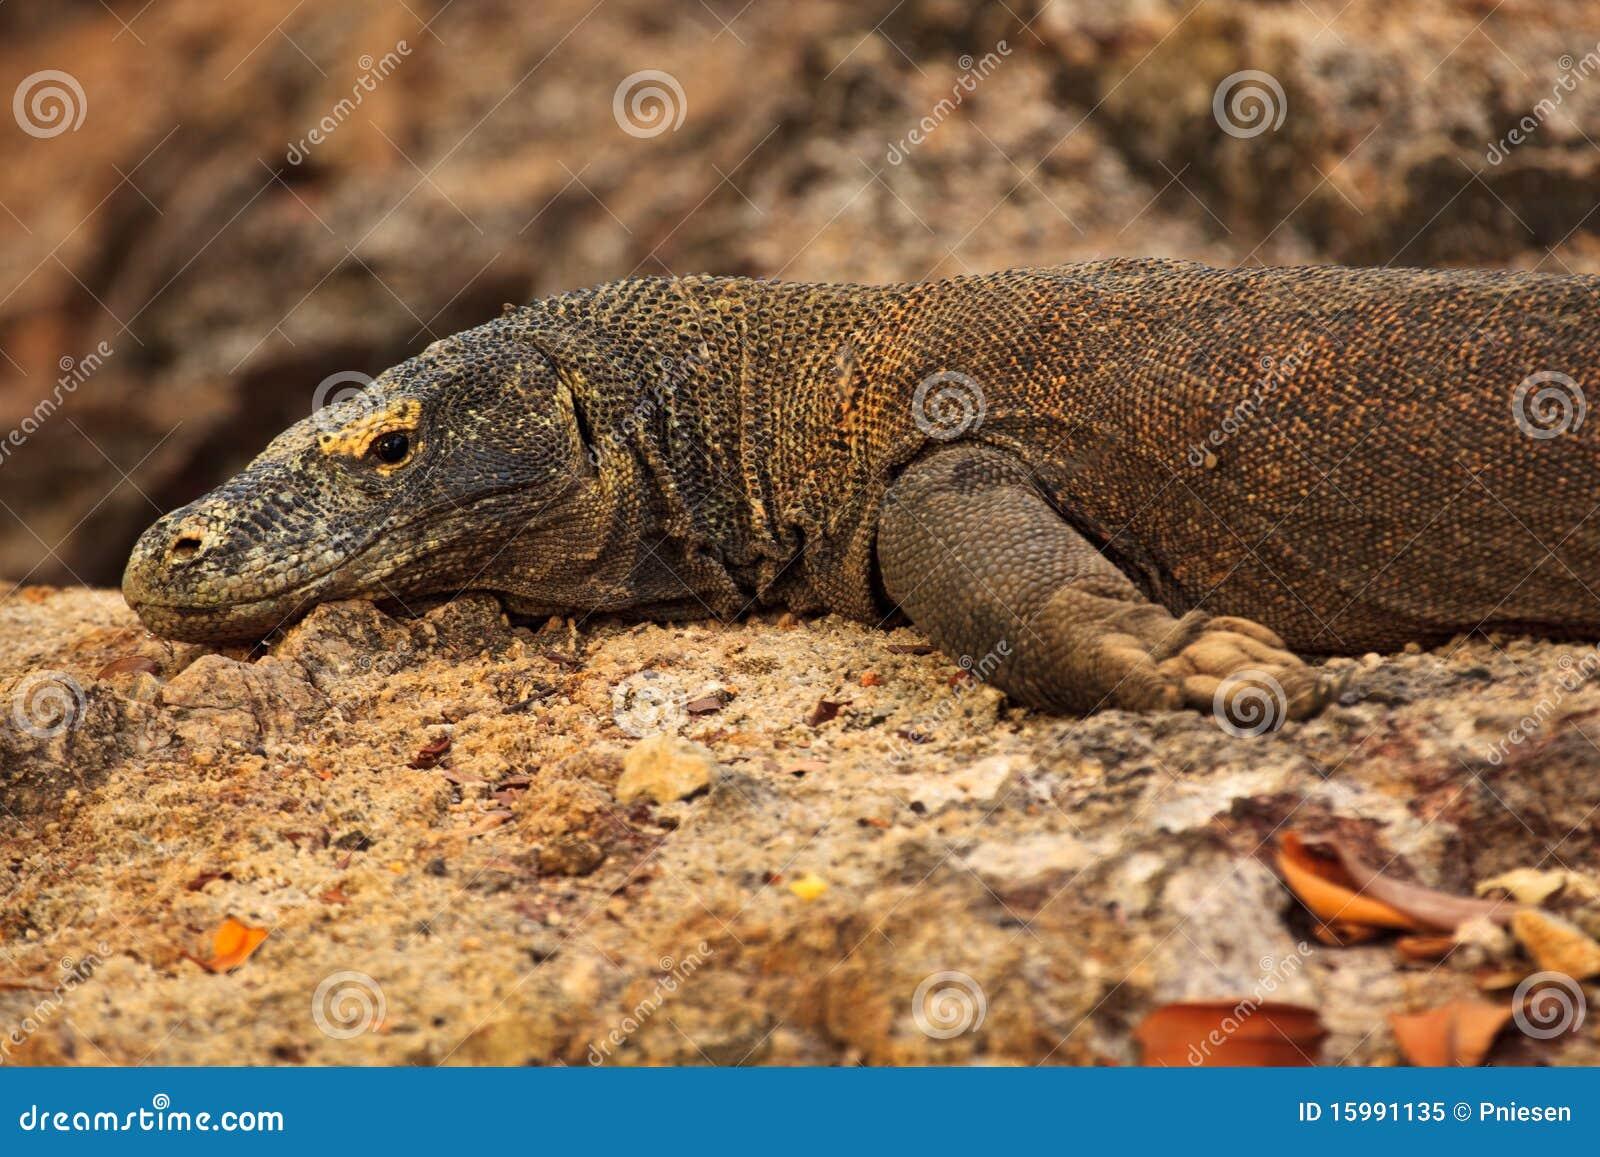 Head Leg Claws Of Komodo Dragon Indonesia Royalty Free